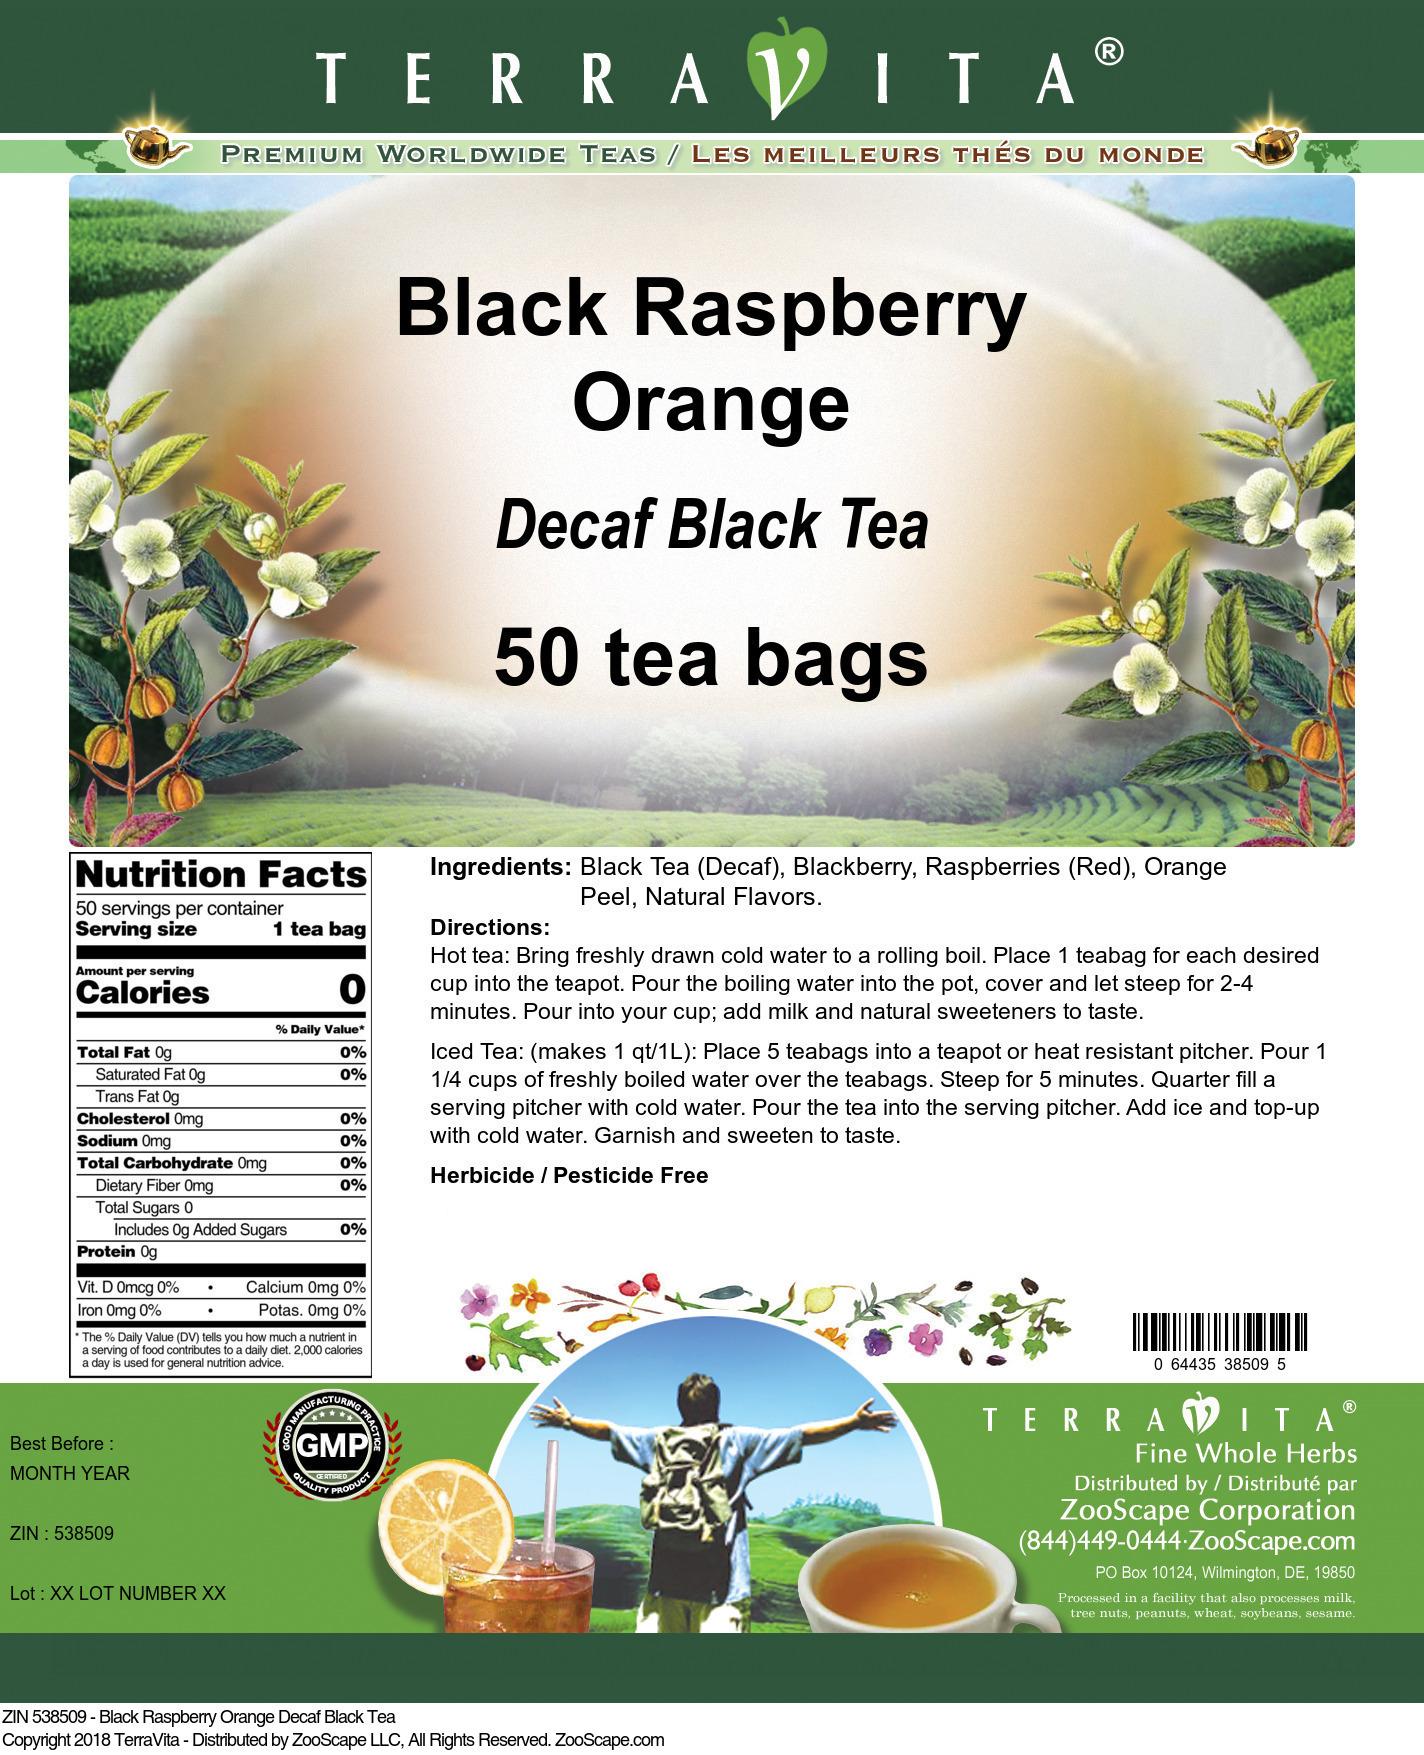 Black Raspberry Orange Decaf Black Tea